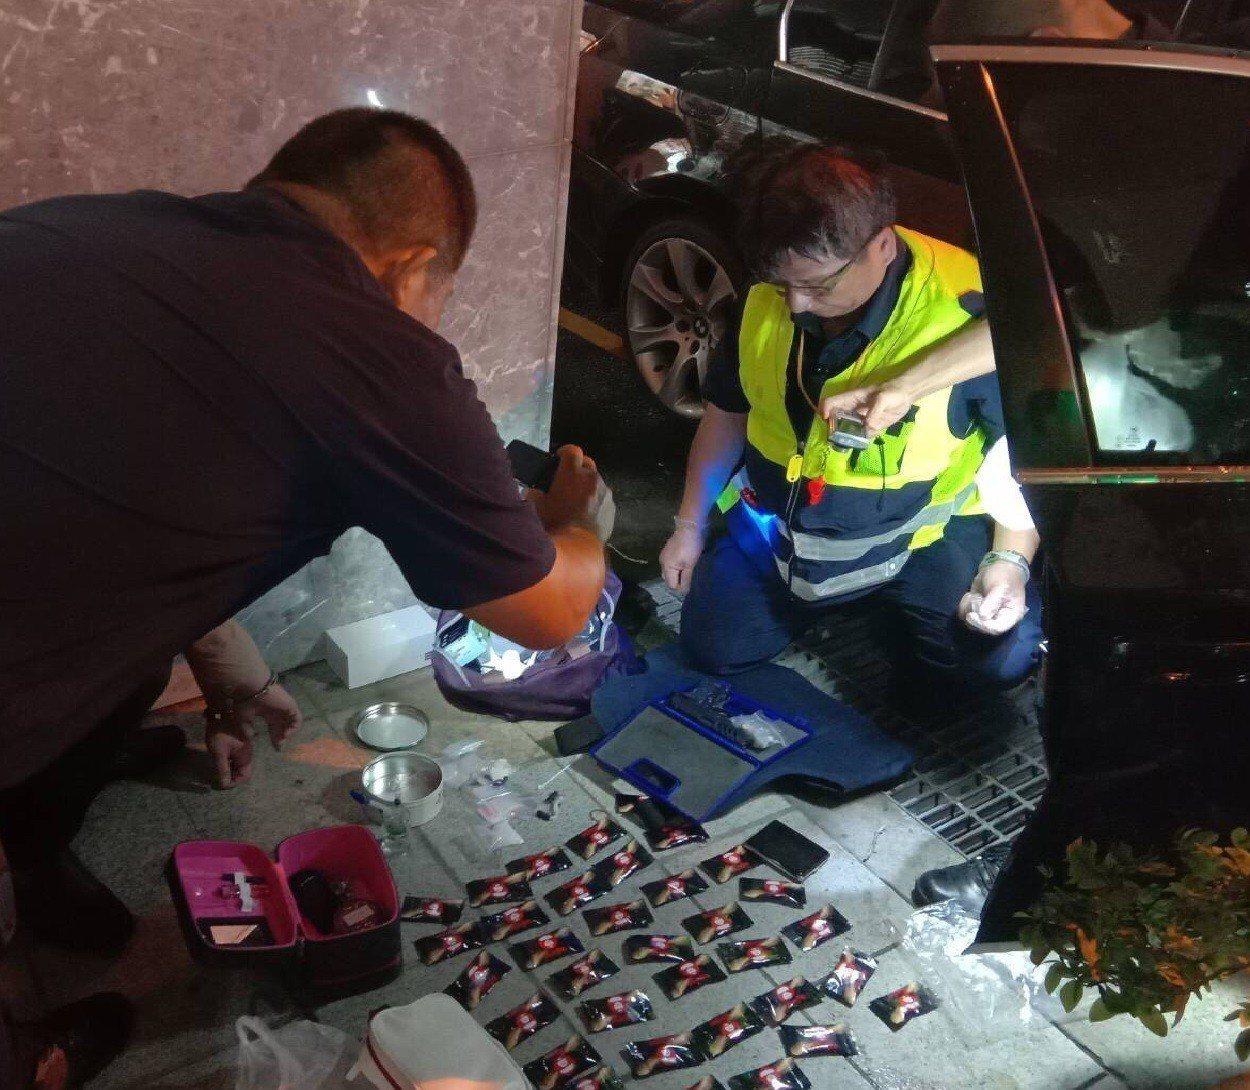 台南市警二分局海安派出所警員,攔查違停意外查獲黃姓男子涉嫌持有槍毒。記者黃宣翰/...